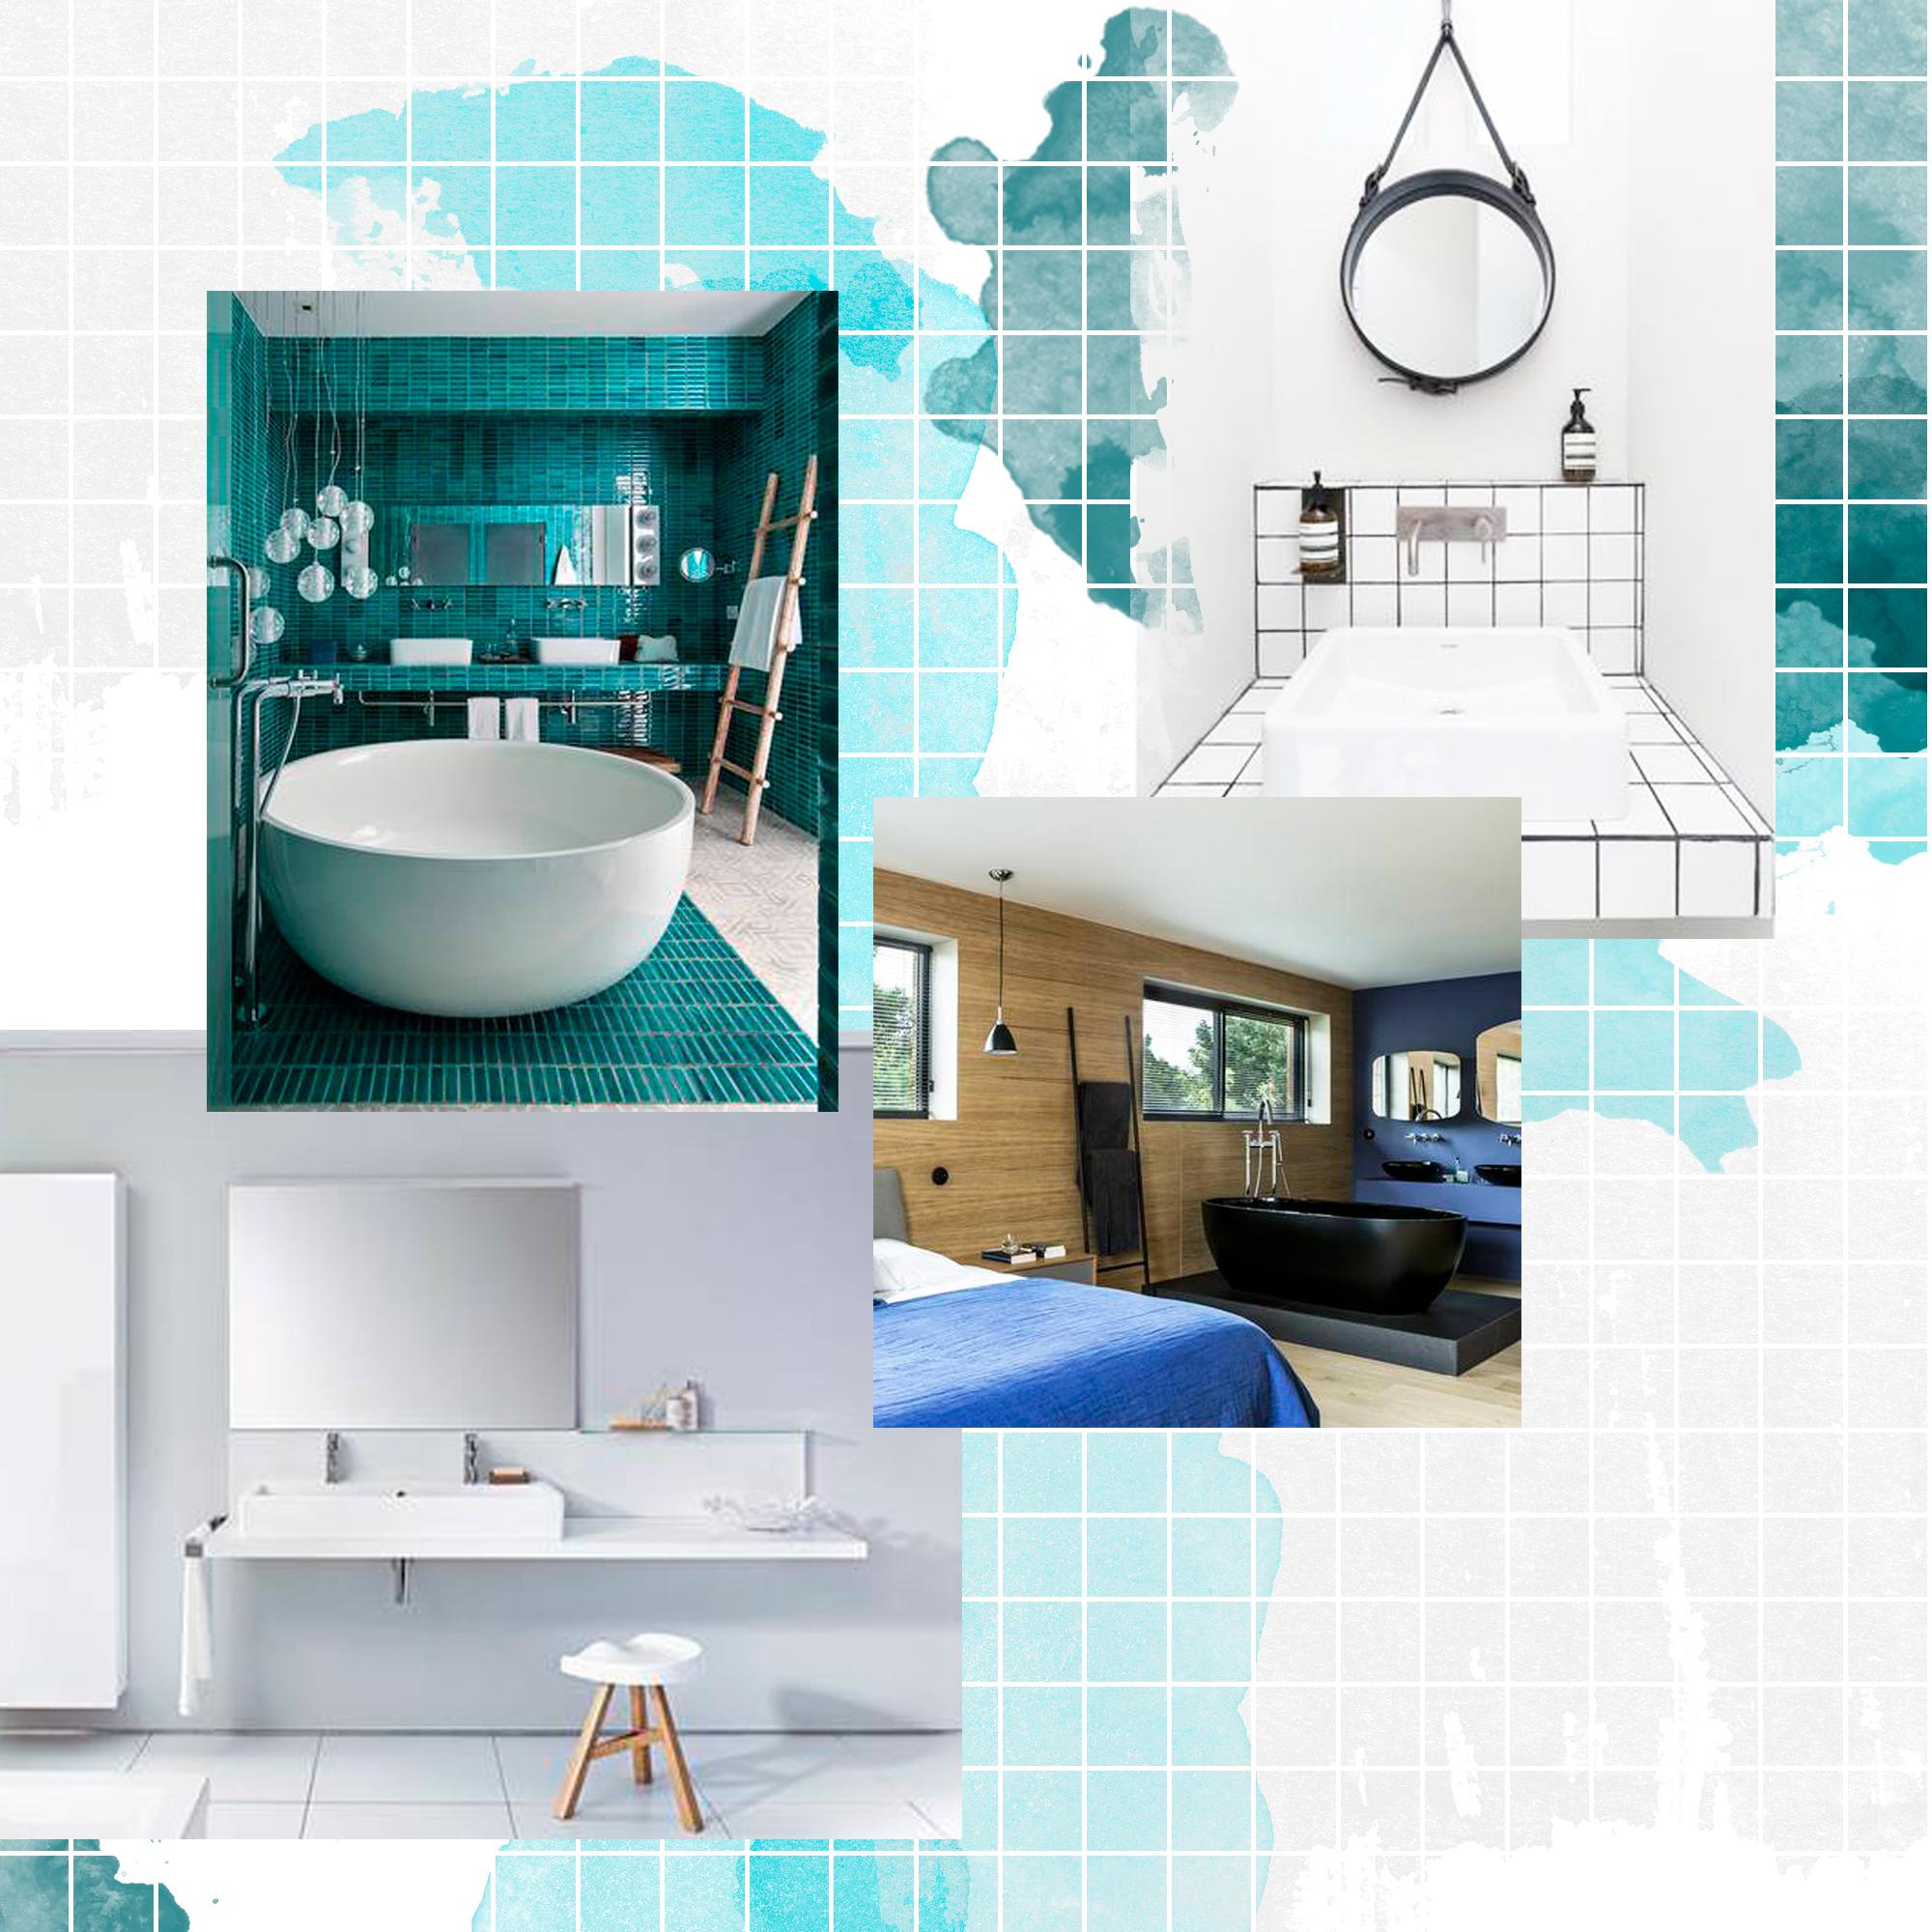 Nos idées avec des meubles de salle de bains design - Elle Décoration